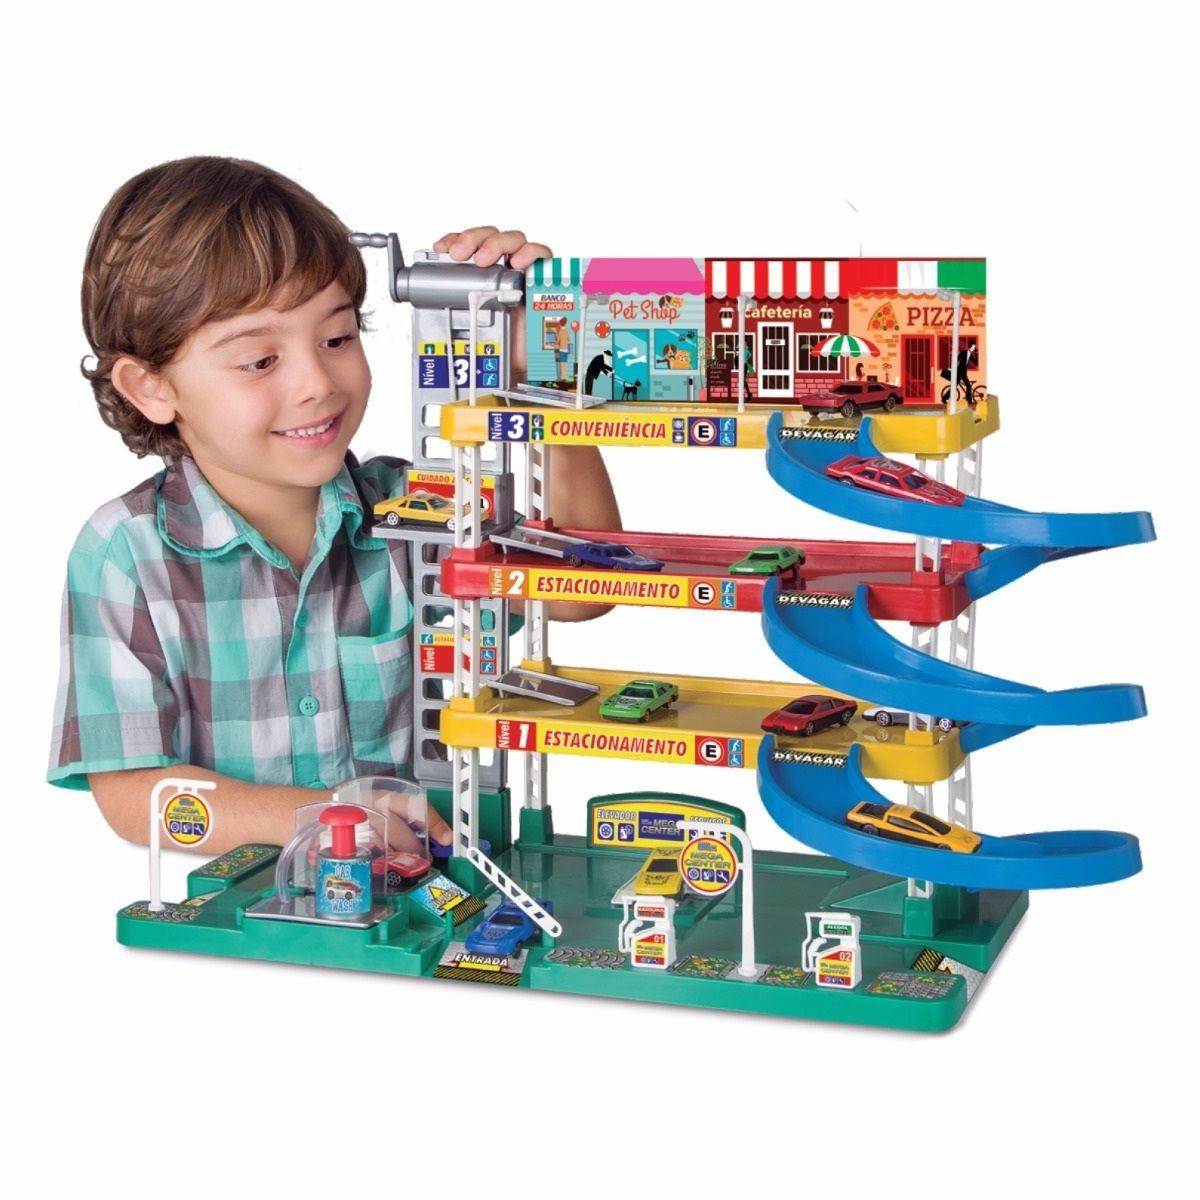 Posto Mega Center - Lugo Brinquedos